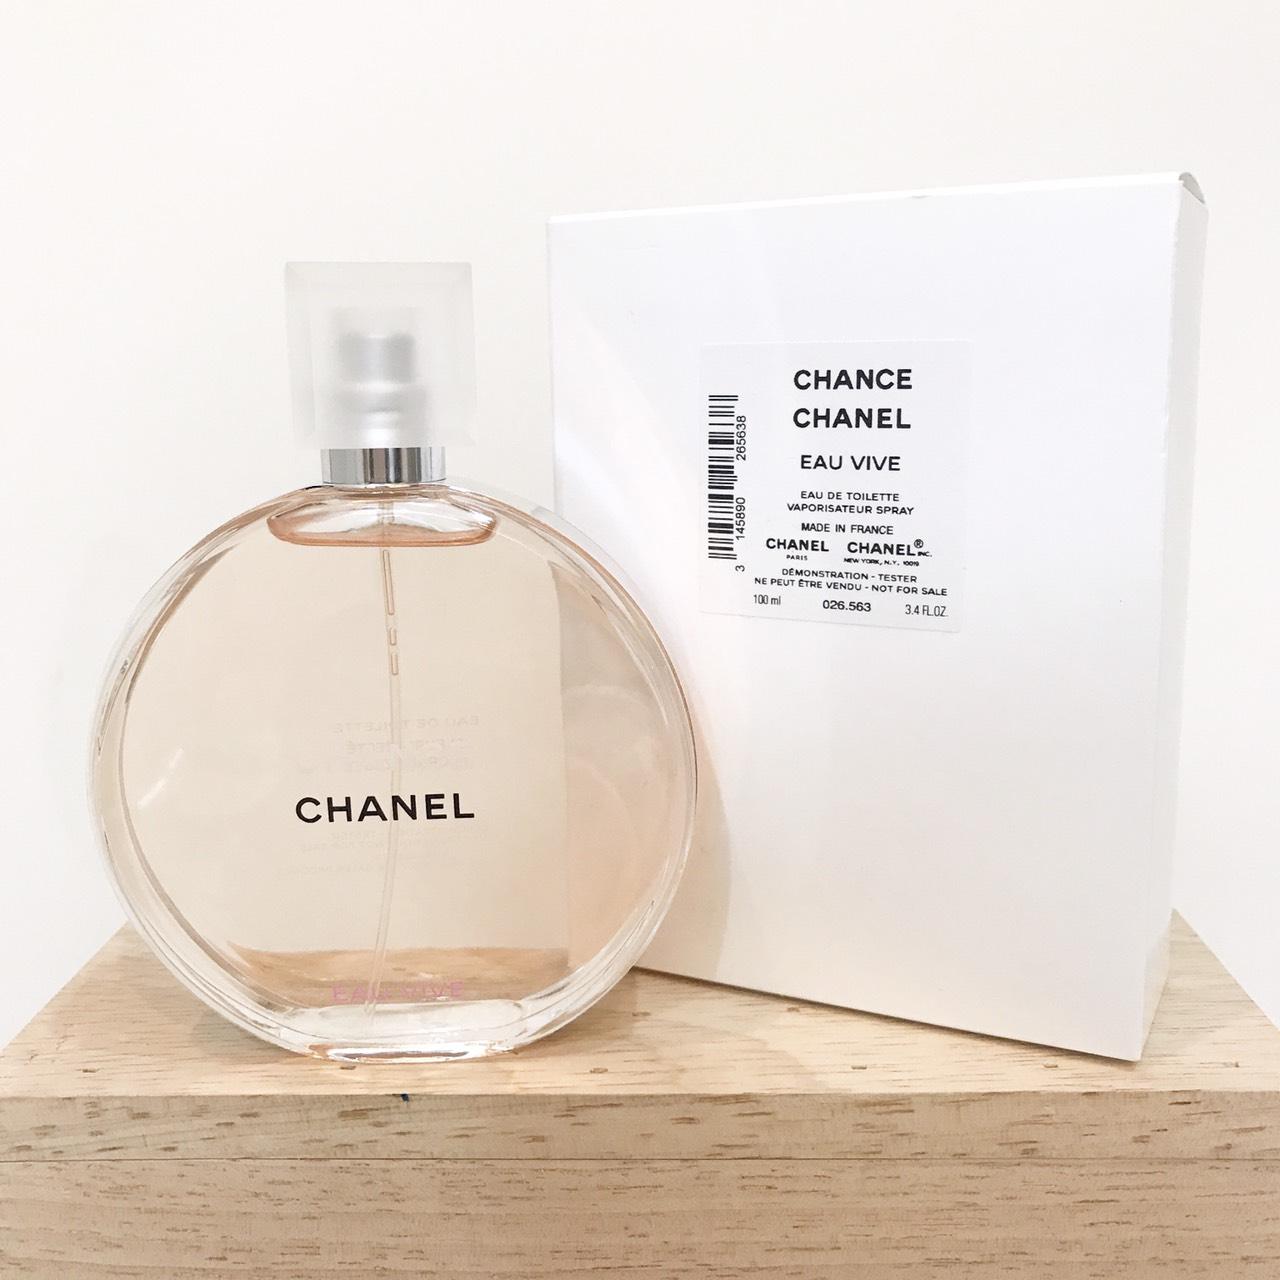 น้ำหอม (กล่องเทสเตอร์) Chanel Chance Eau Vive EDT 100ml.